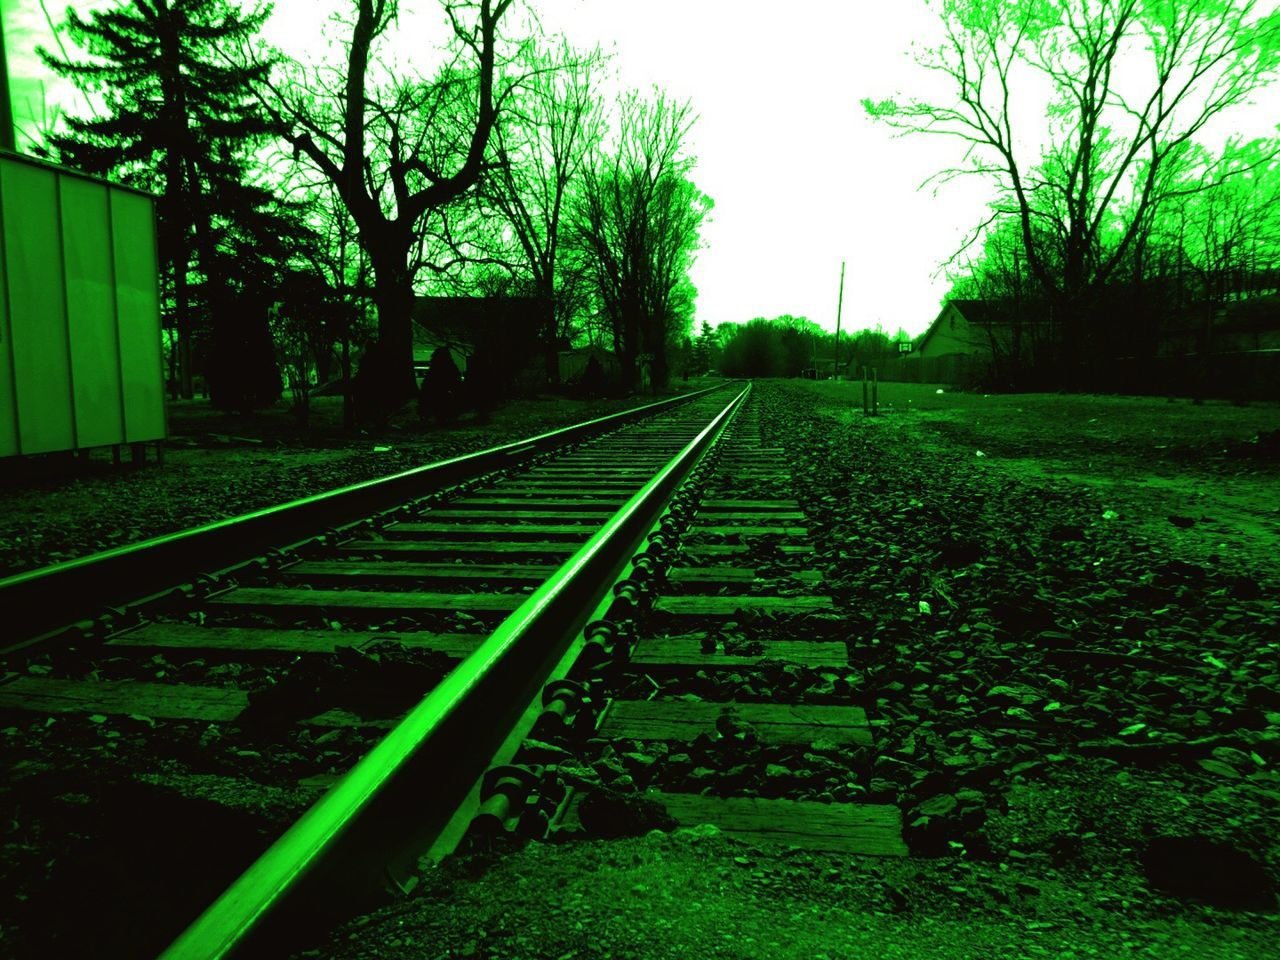 Rails of Green Rails Railroad Tracks St. Patricks Day March 17th Green Irish Mint Train